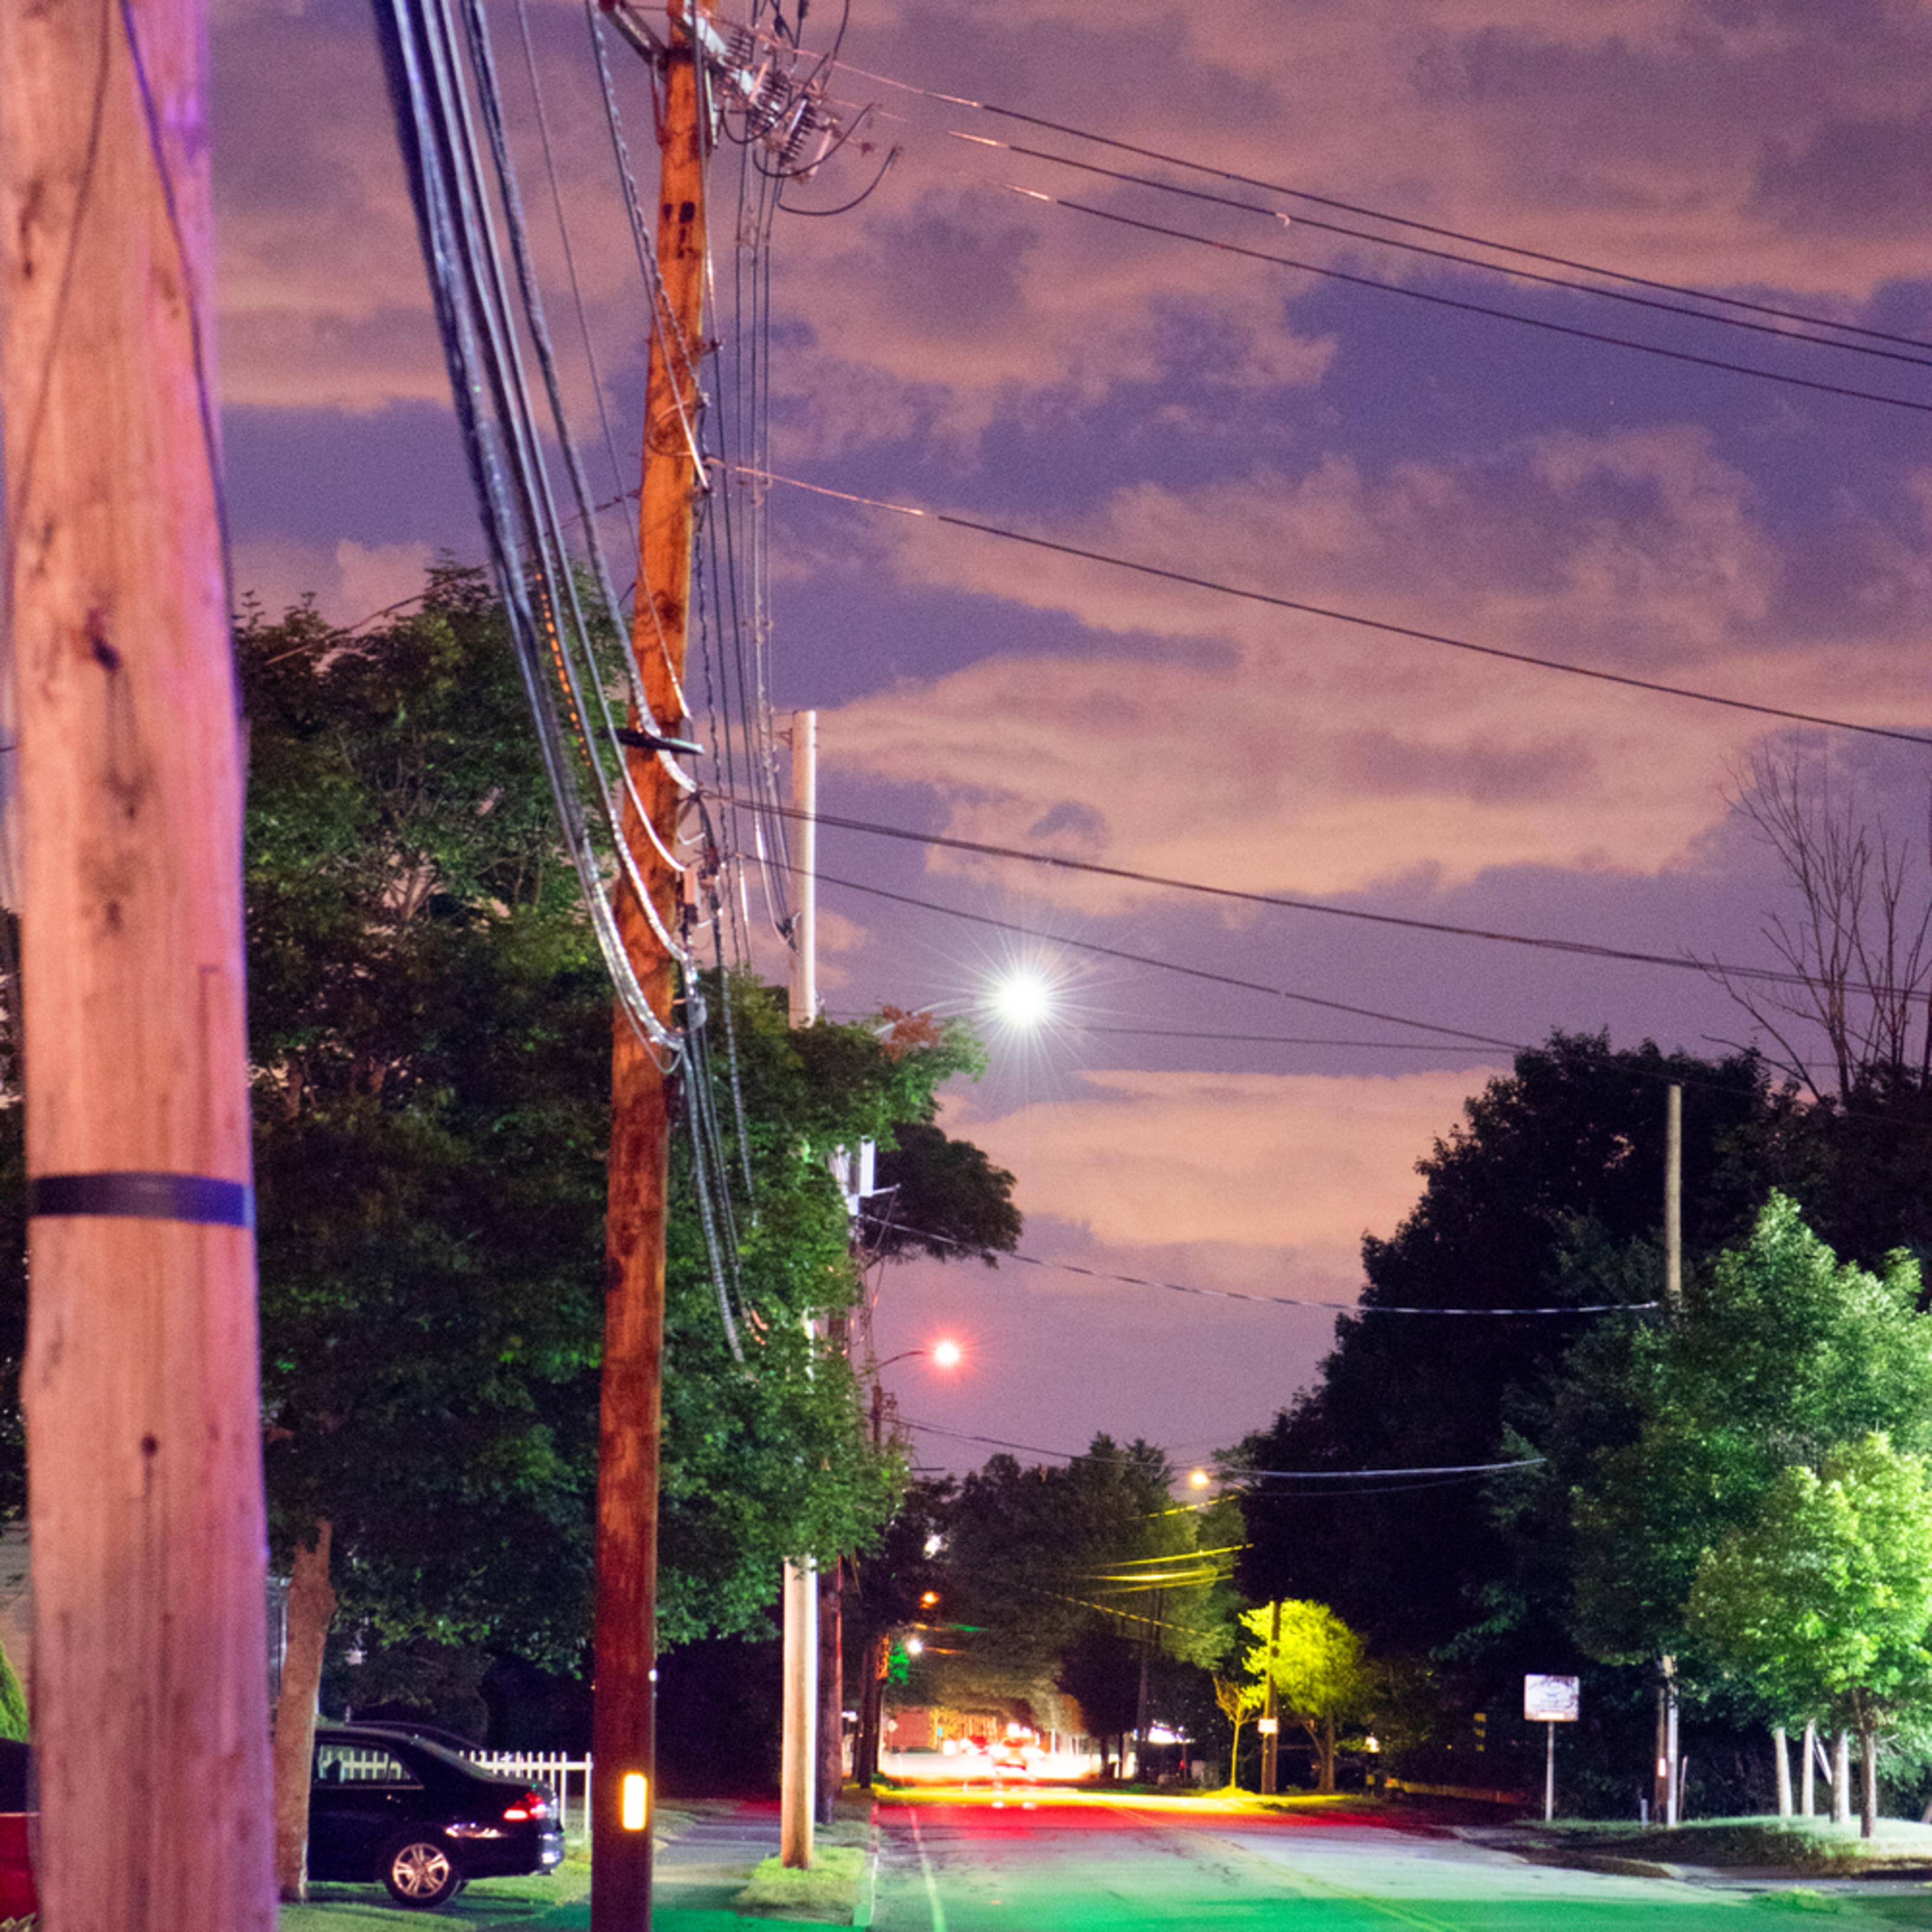 Borelli ashland streetlights pleasant street 1 0058 8238 inchestif ypzw46